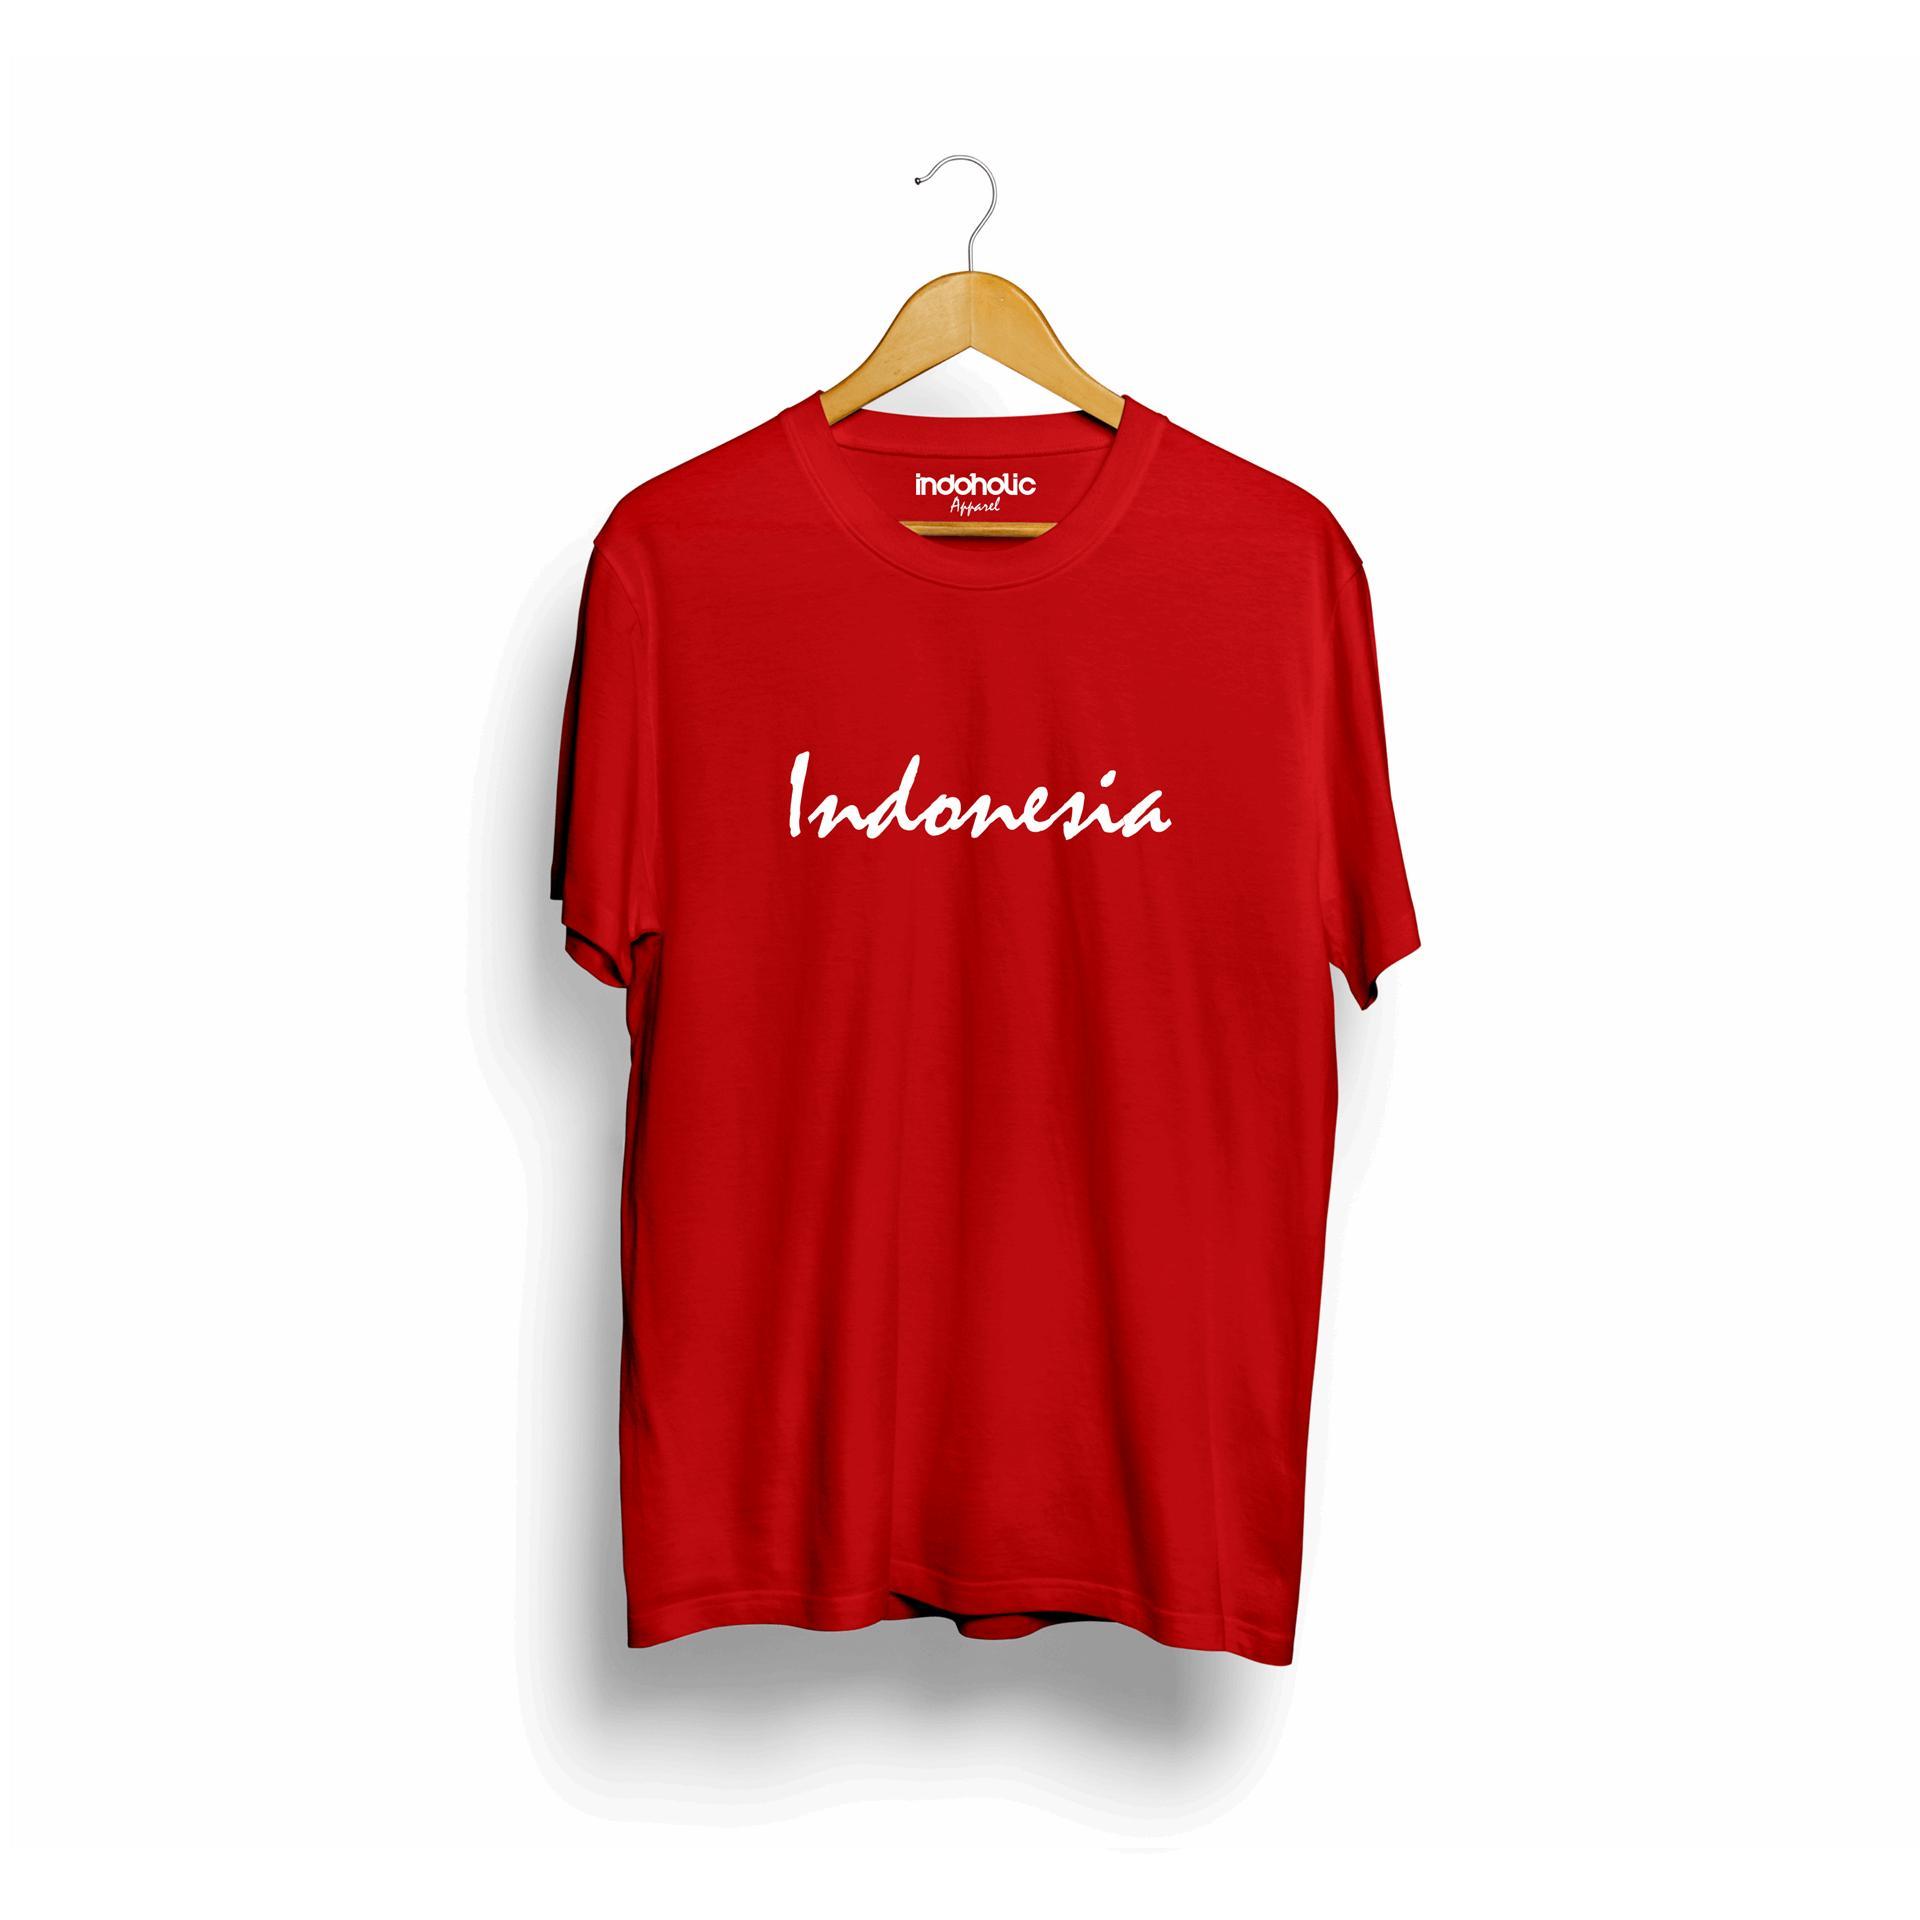 Indoholic Apparel Kaos Distro Indonesia Baju Pria Bandung Lengan Tangan Pendek Raglan Reglan Muslim Moslem Premium Lebaran Gildan Murah Keren Wanita Anime